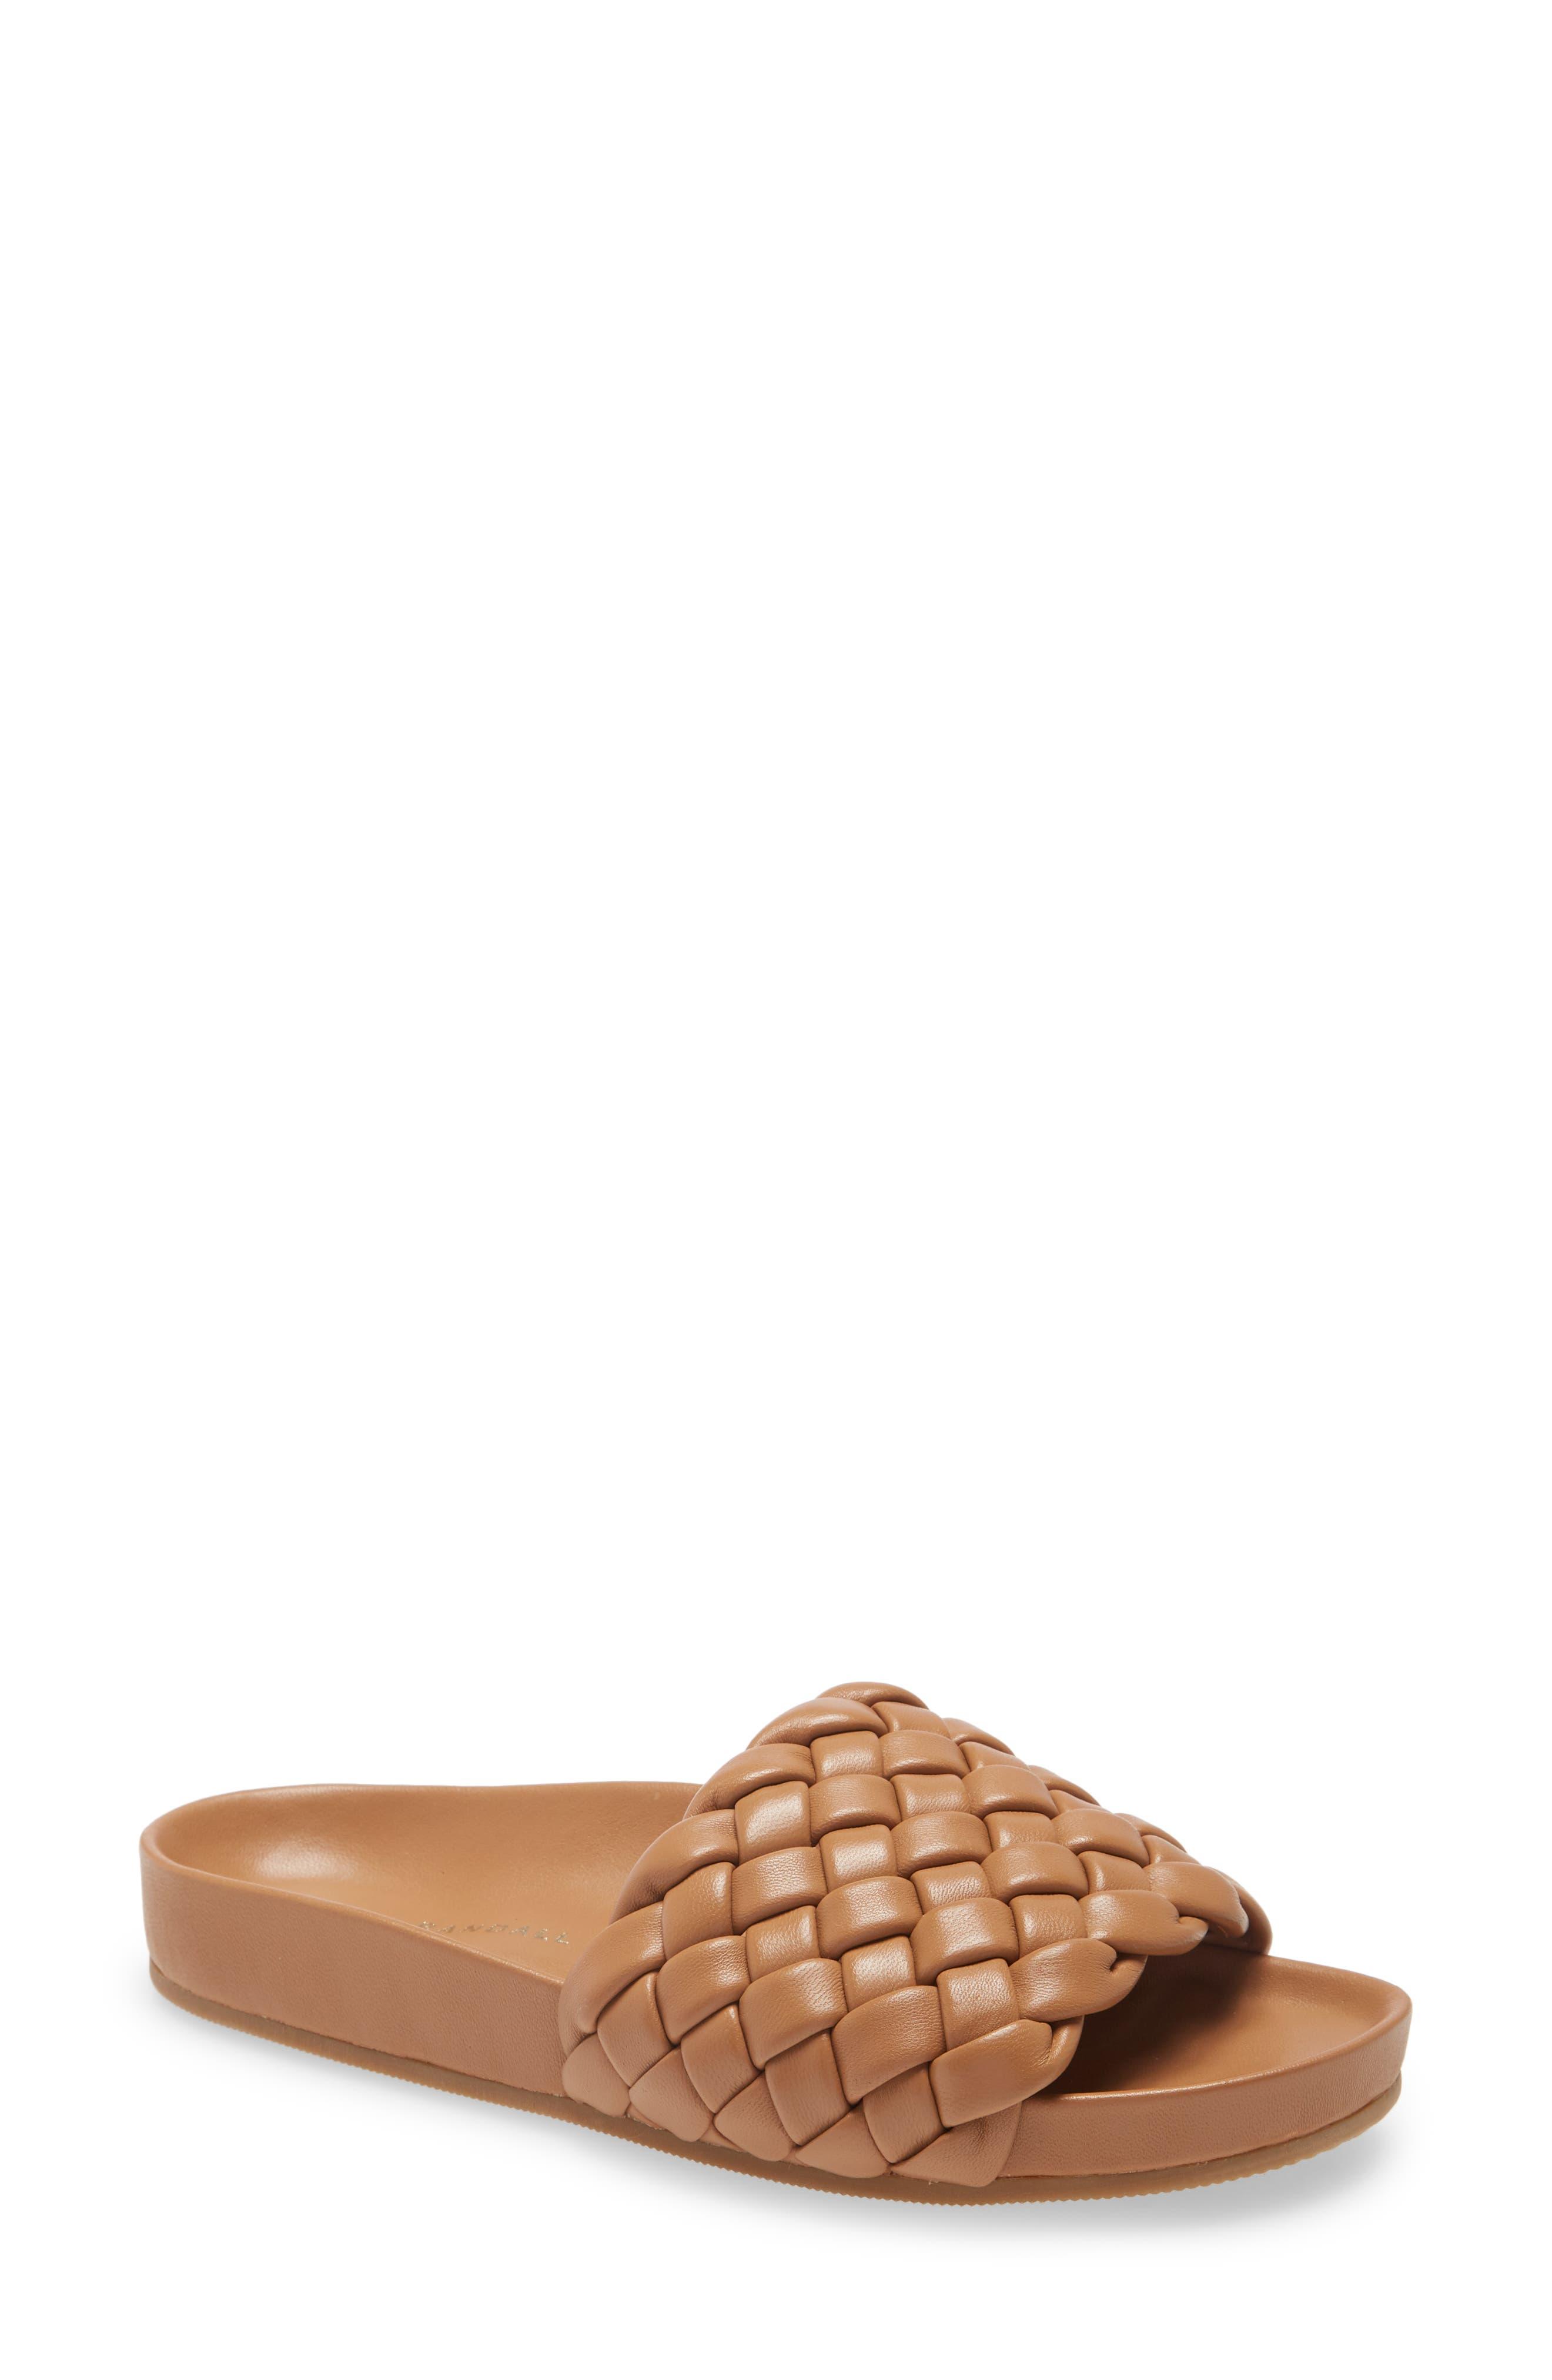 Sonnie Woven Slide Sandal